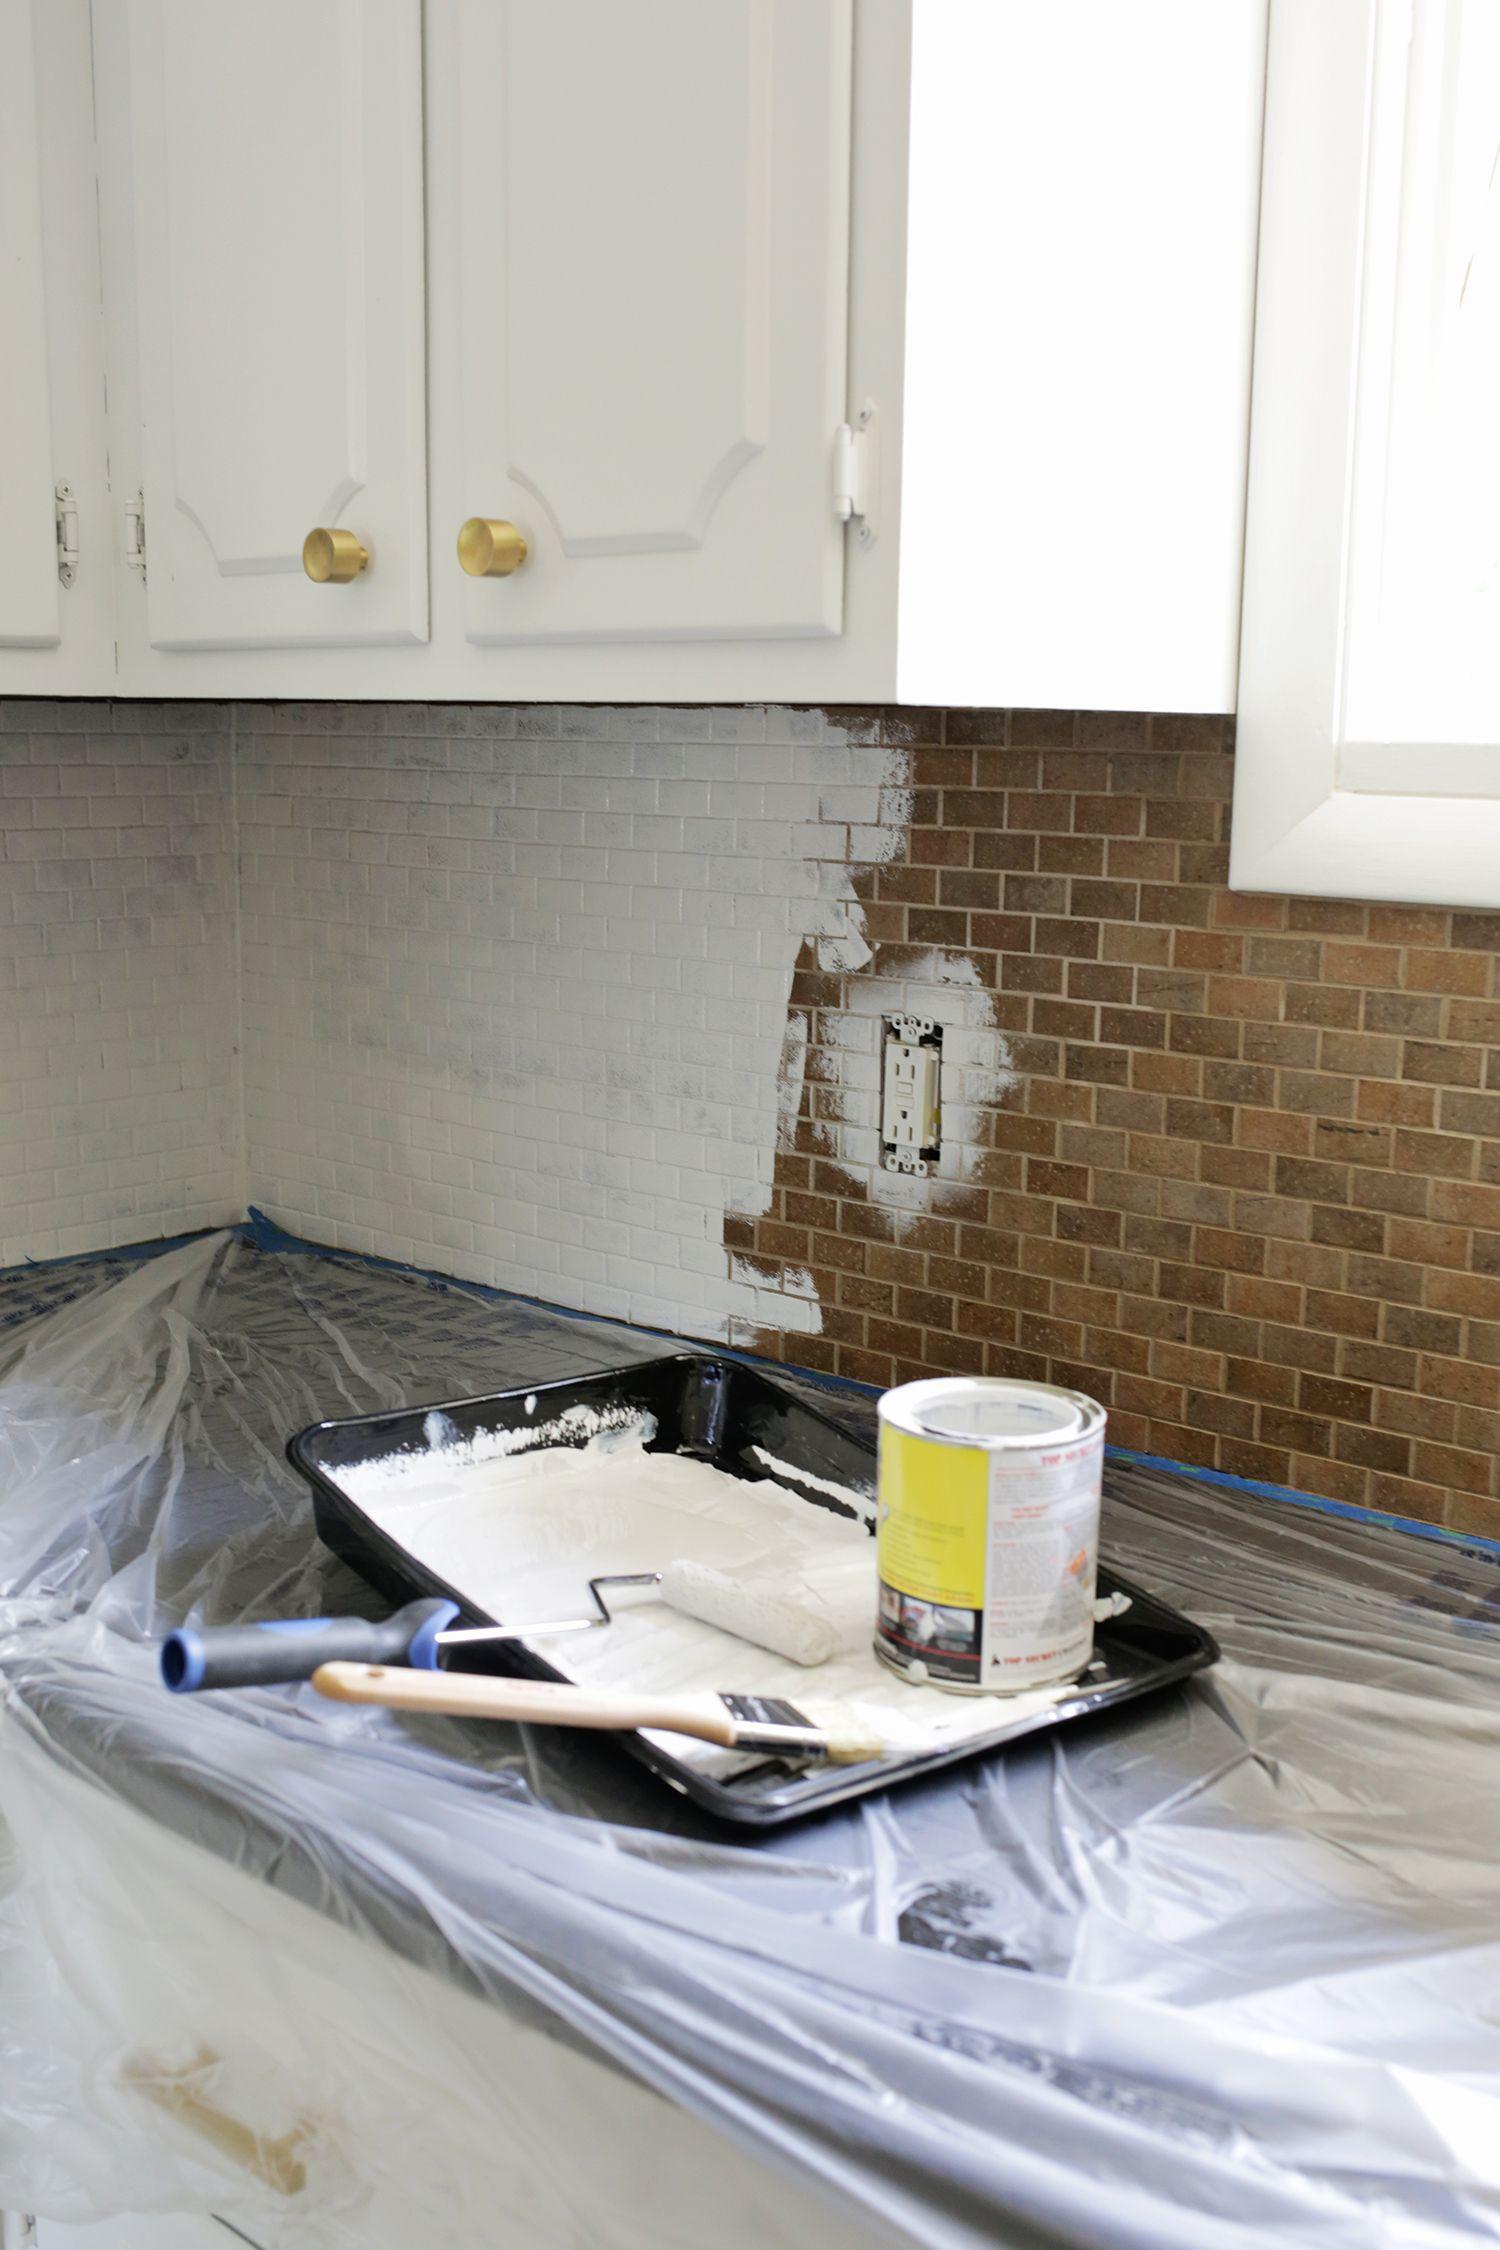 painting a tile backsplash